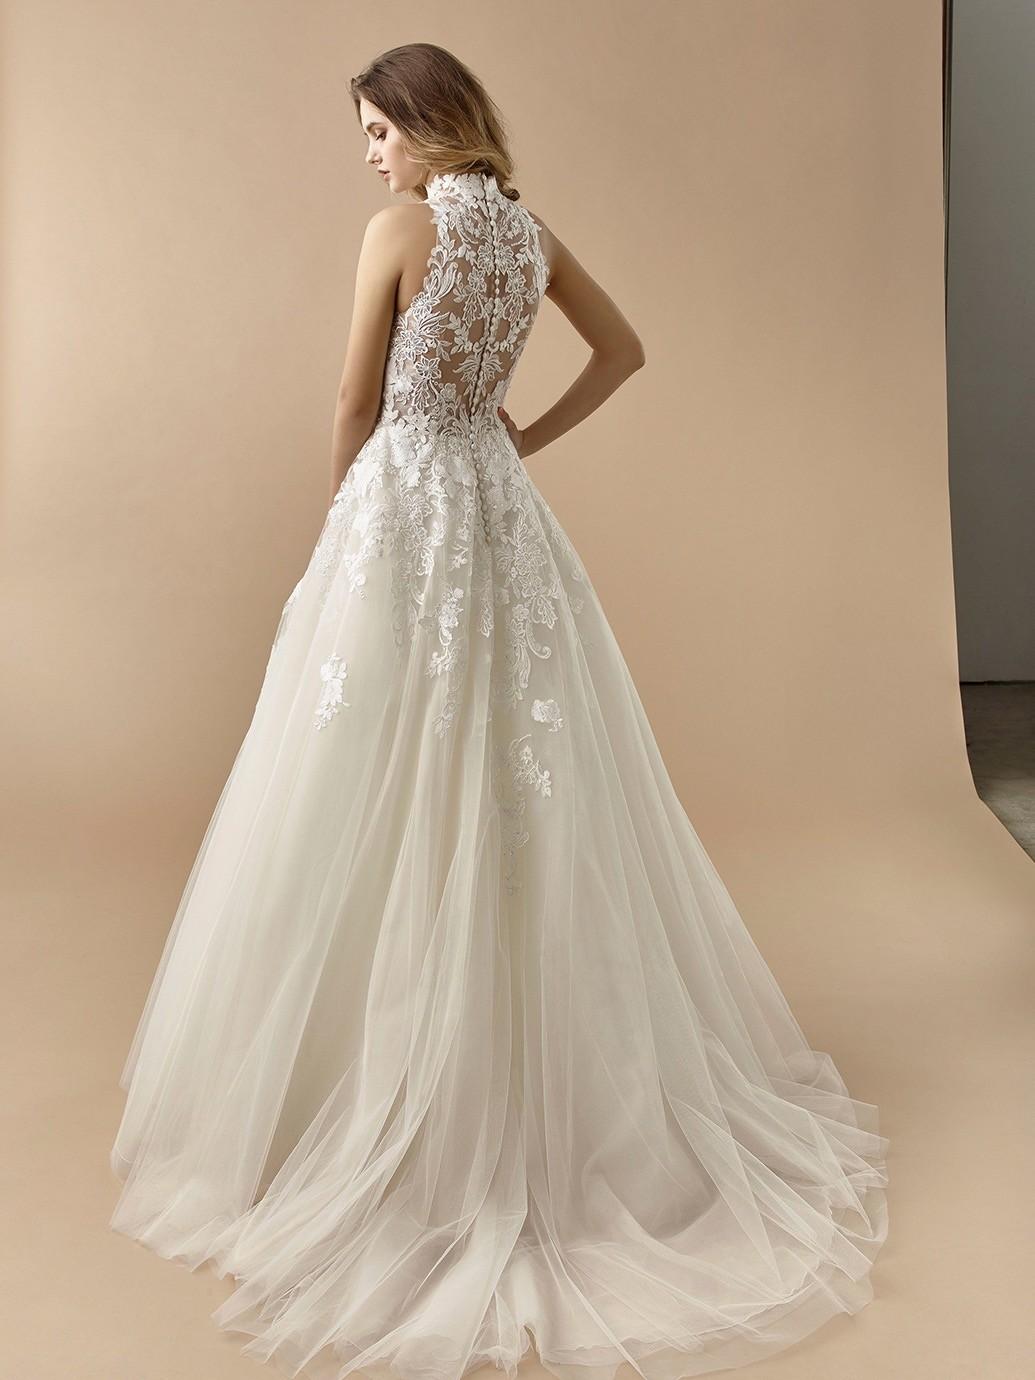 Brautkleid im Prinzess-Stil mit Tüllrock, transparentem Spitzentop und Tattoo-Effekt von Beautiful Bridal, Modell BT 20-13